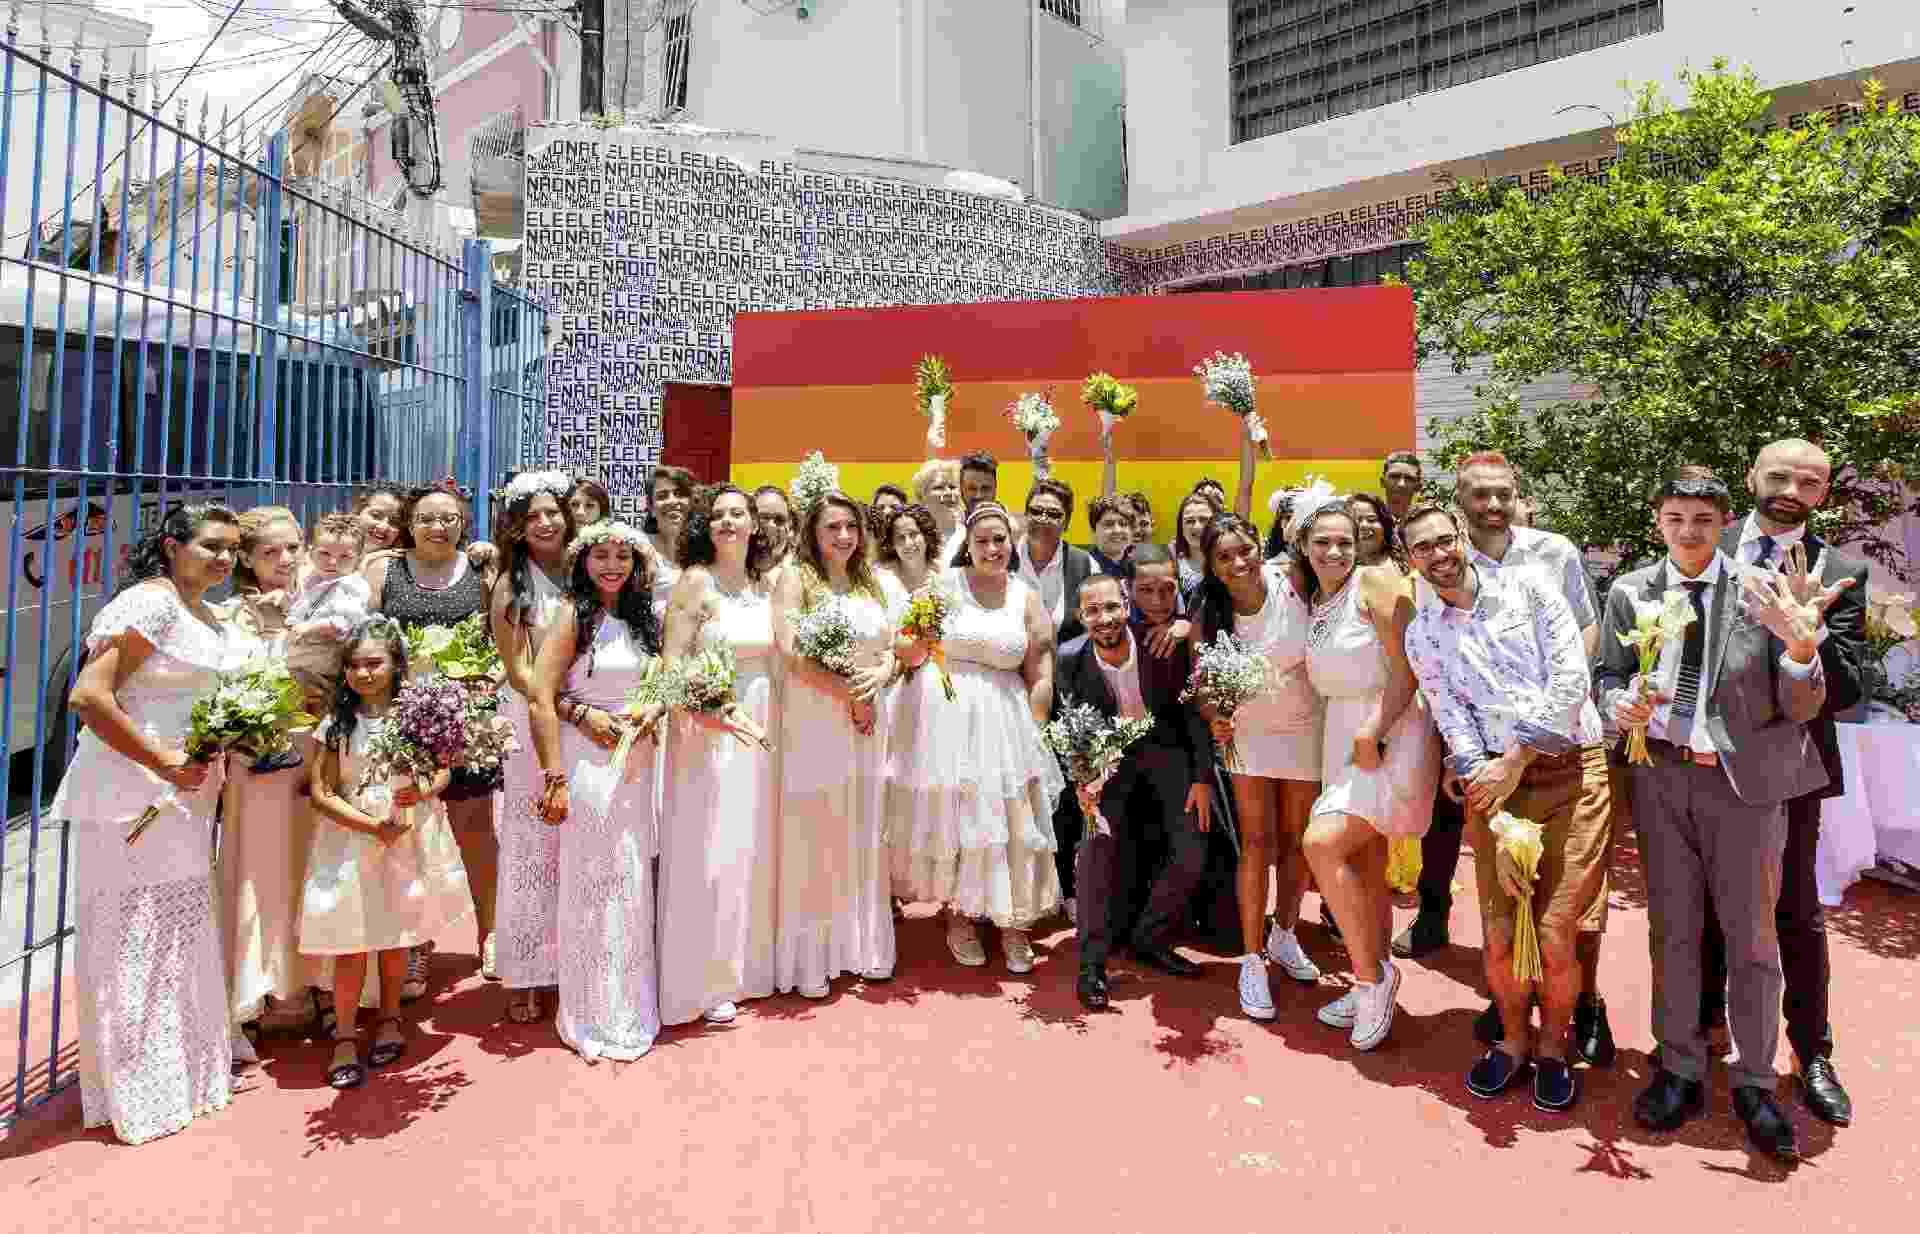 Quarenta casais homoafetivos participam do casamento coletivo organizado pela ONG Casa 1, no último sábado (15), em São Paulo - Mariana Pekin/UOL